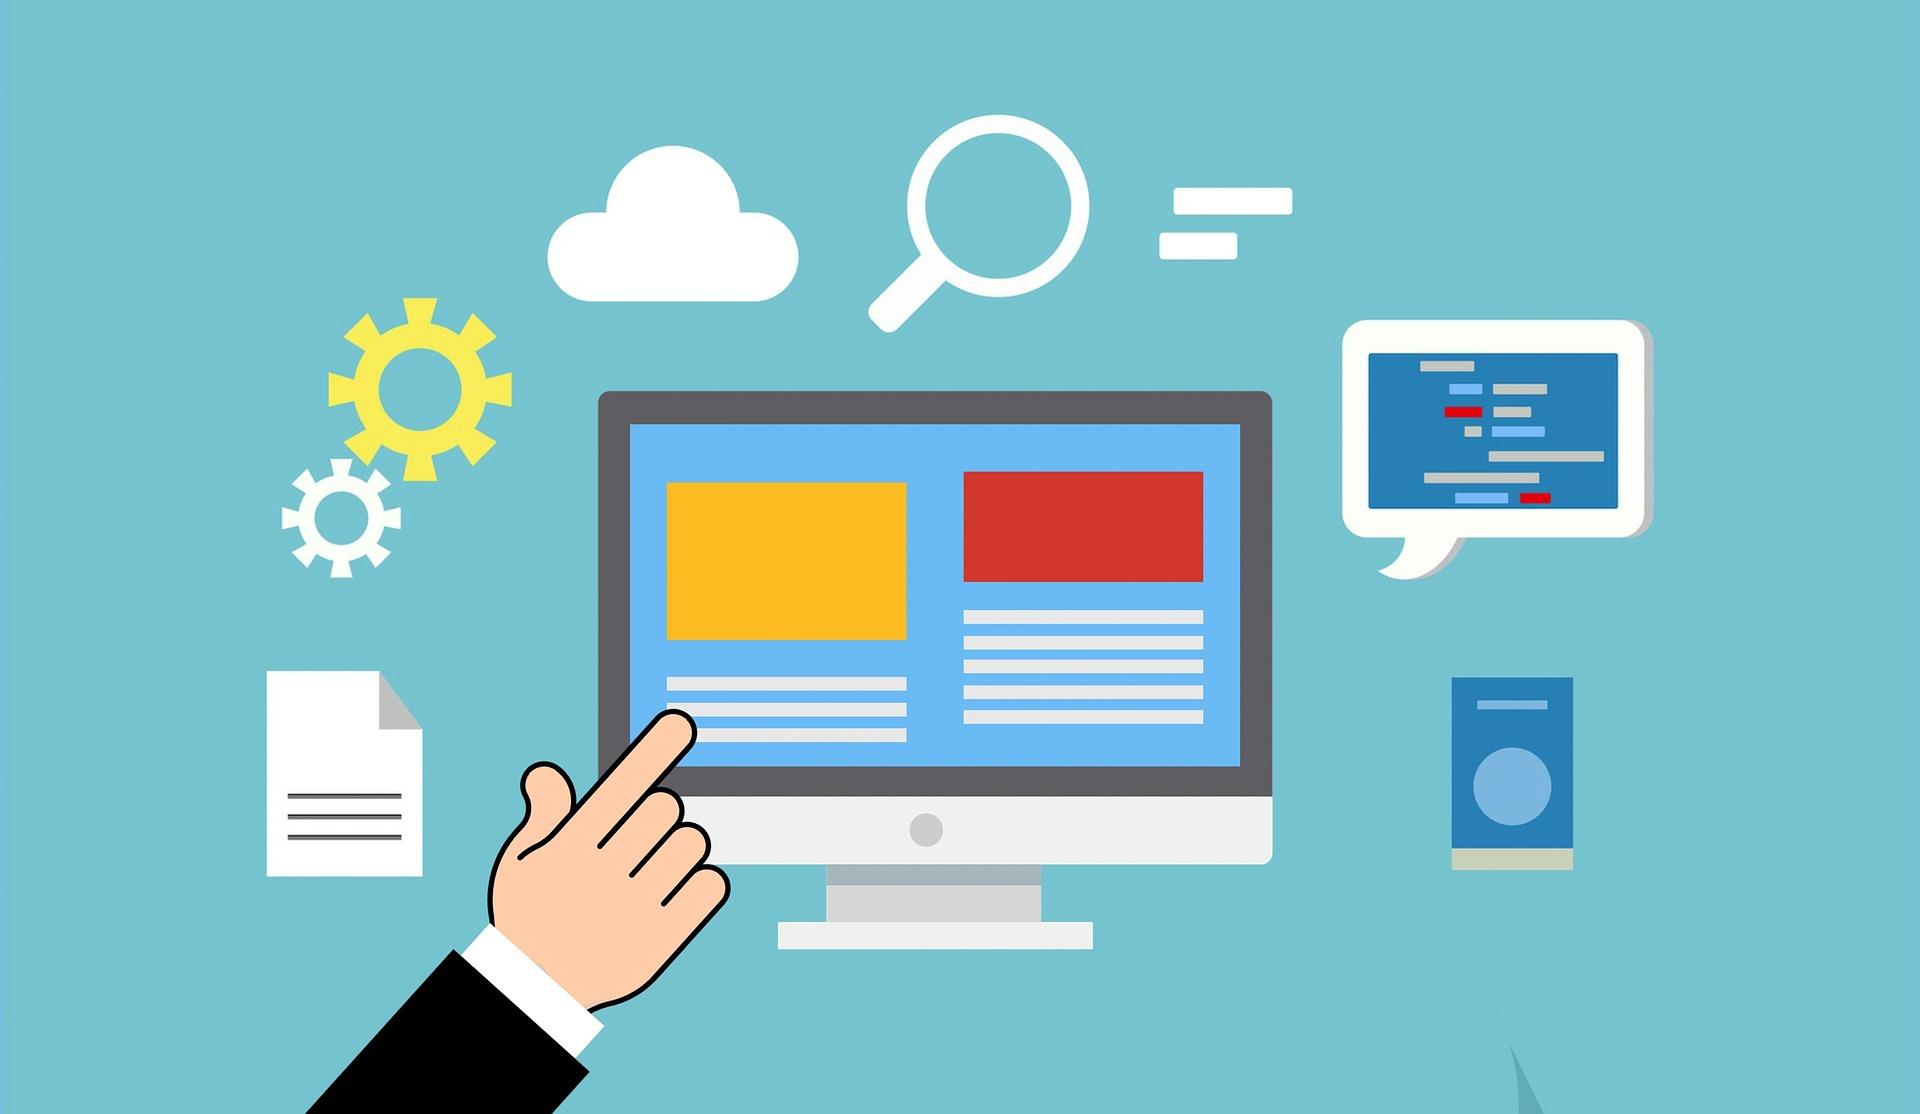 Oracle Datenbank Administrator zeigt auf Bildschirm